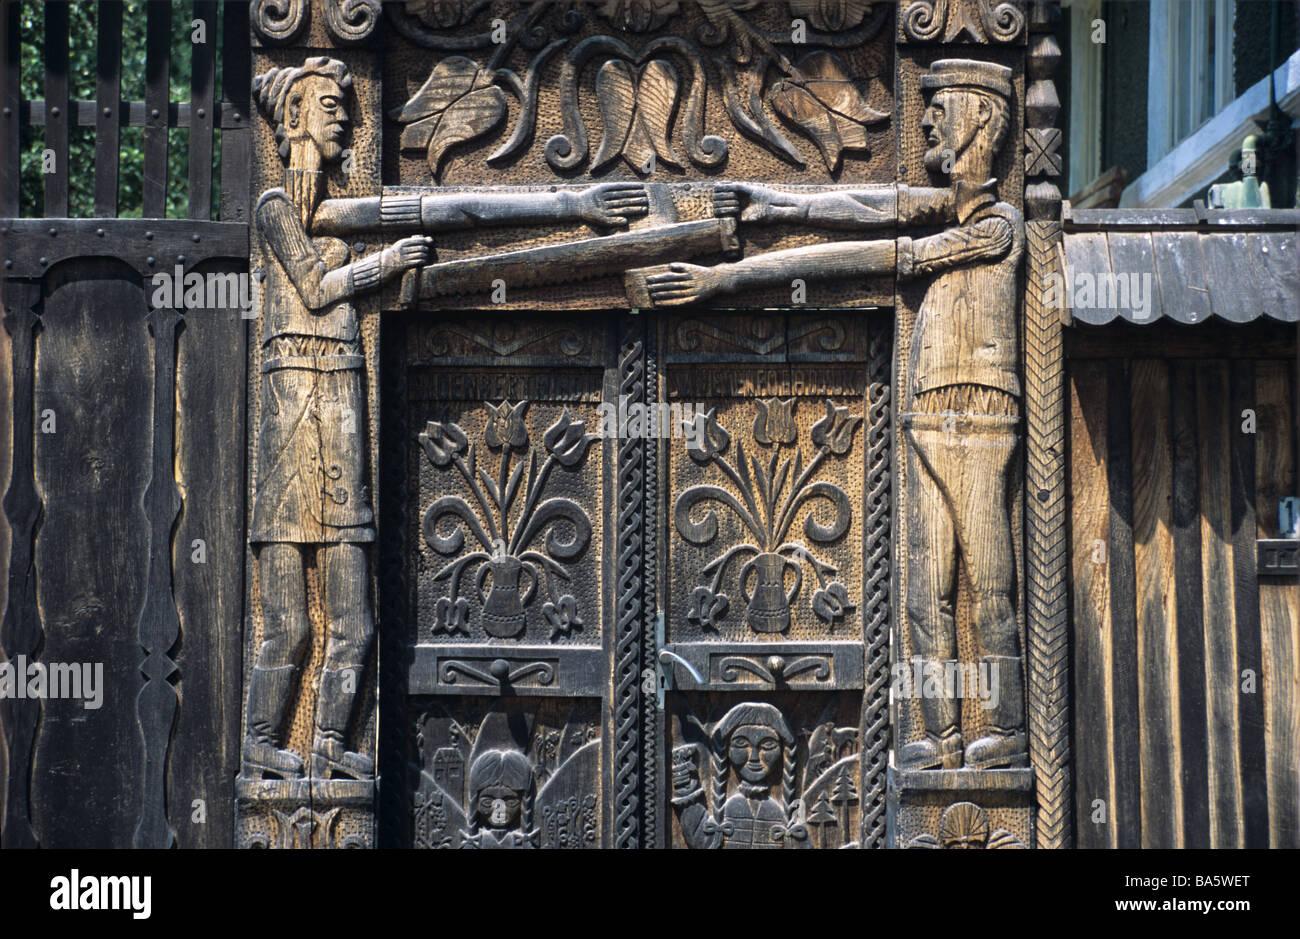 Folk art images on a sculptured or carved wooden door